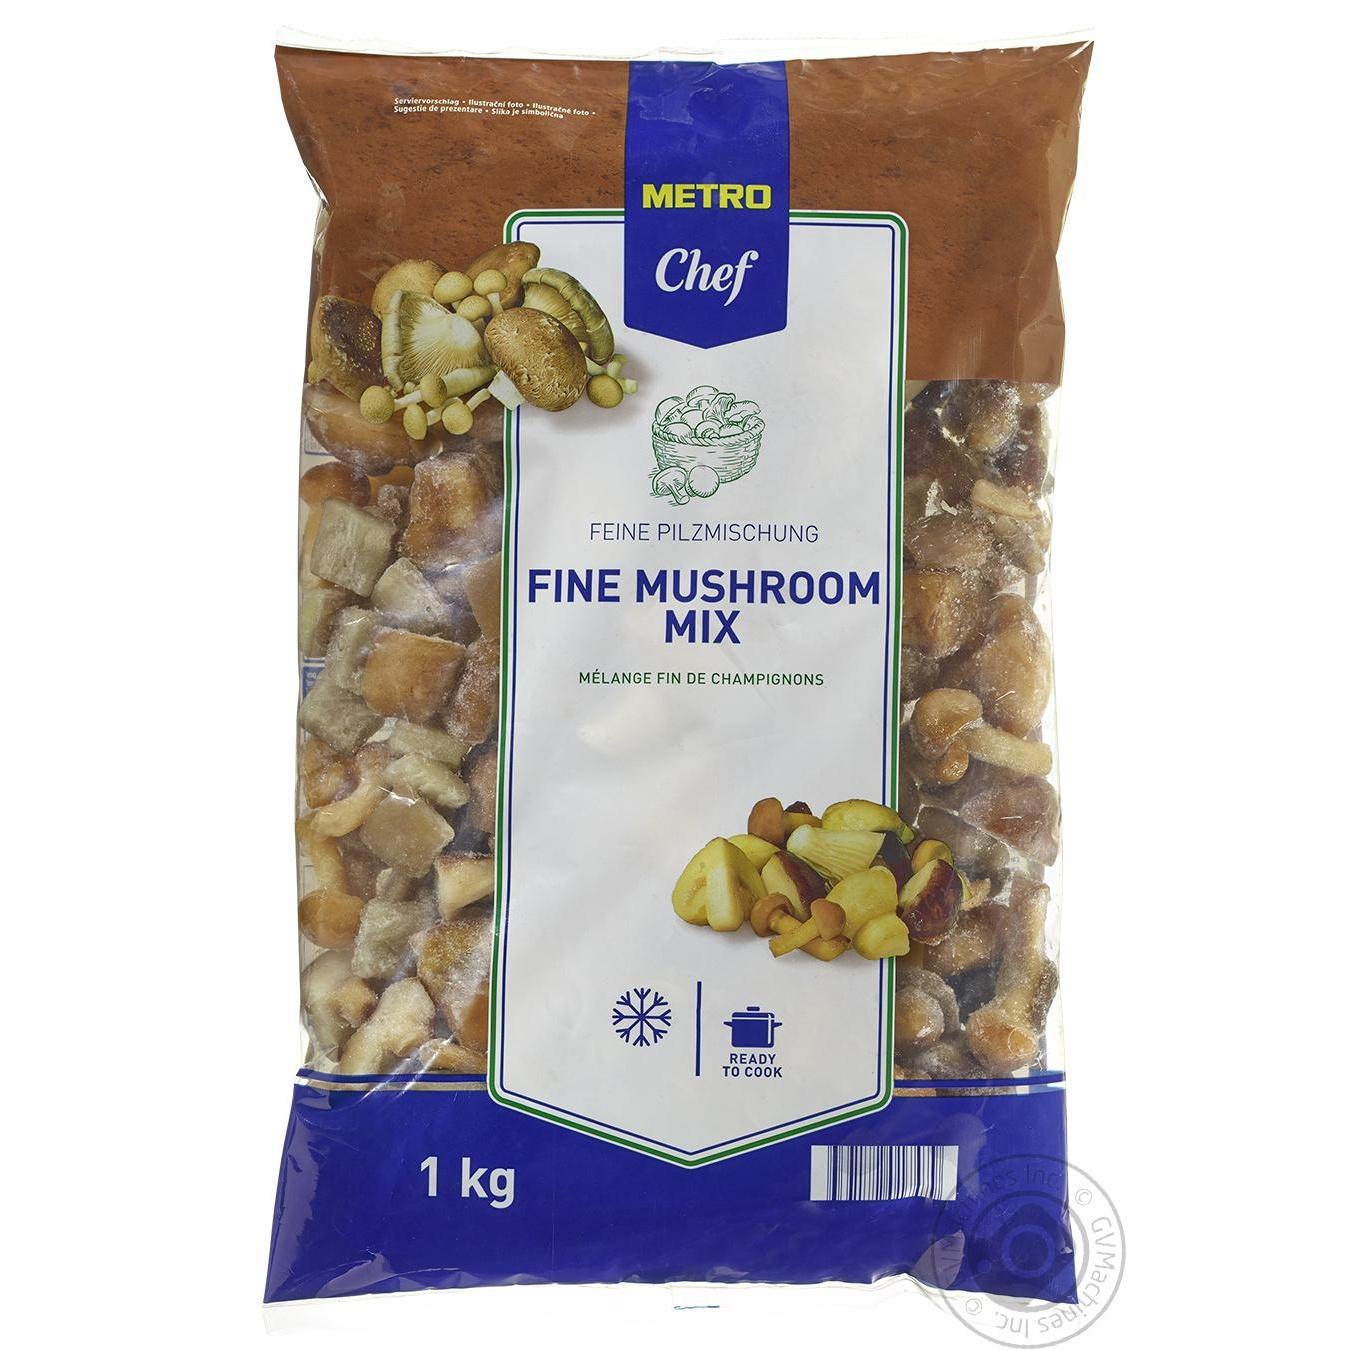 Купить Овочі та гриби, Суміш грибів METRO Chef заморожена 1кг